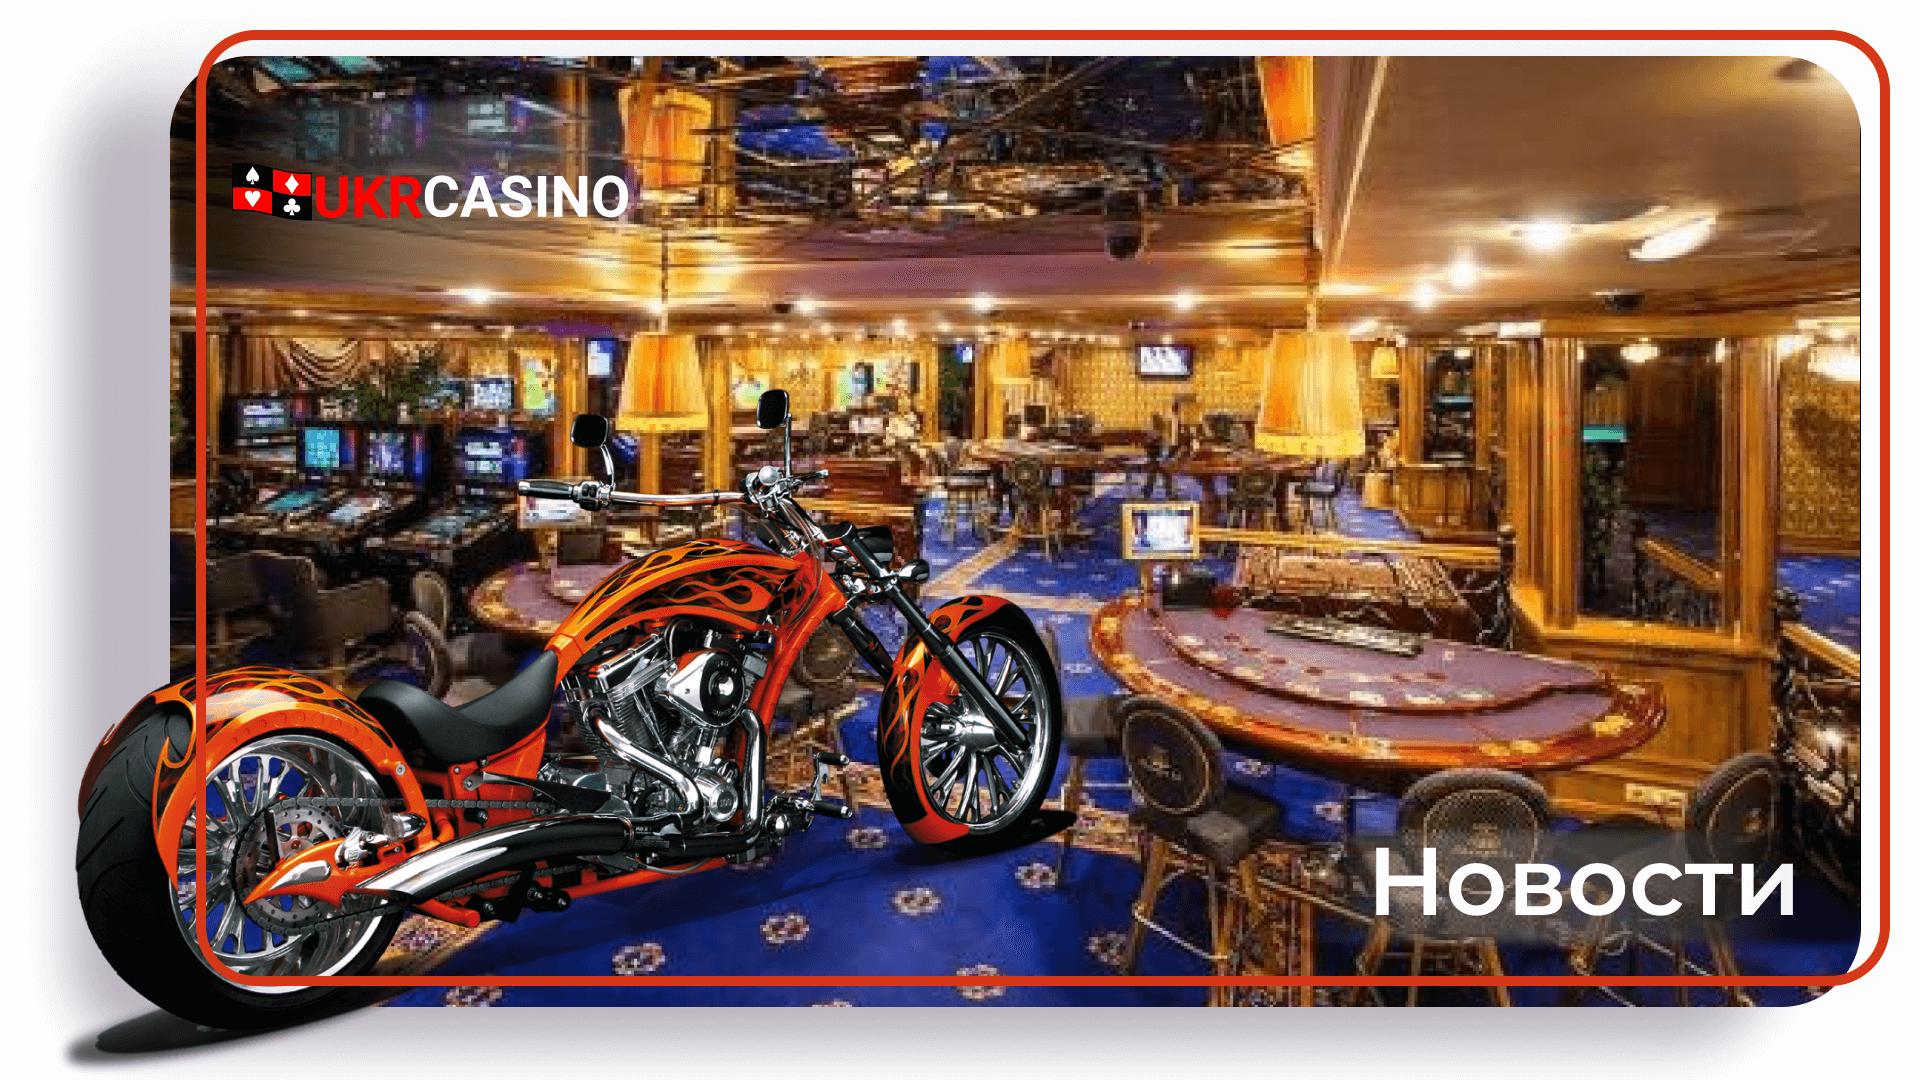 В одном из киевских казино в прошлою субботу разыграли мотоцикл стоимостью 440 тысяч гривен